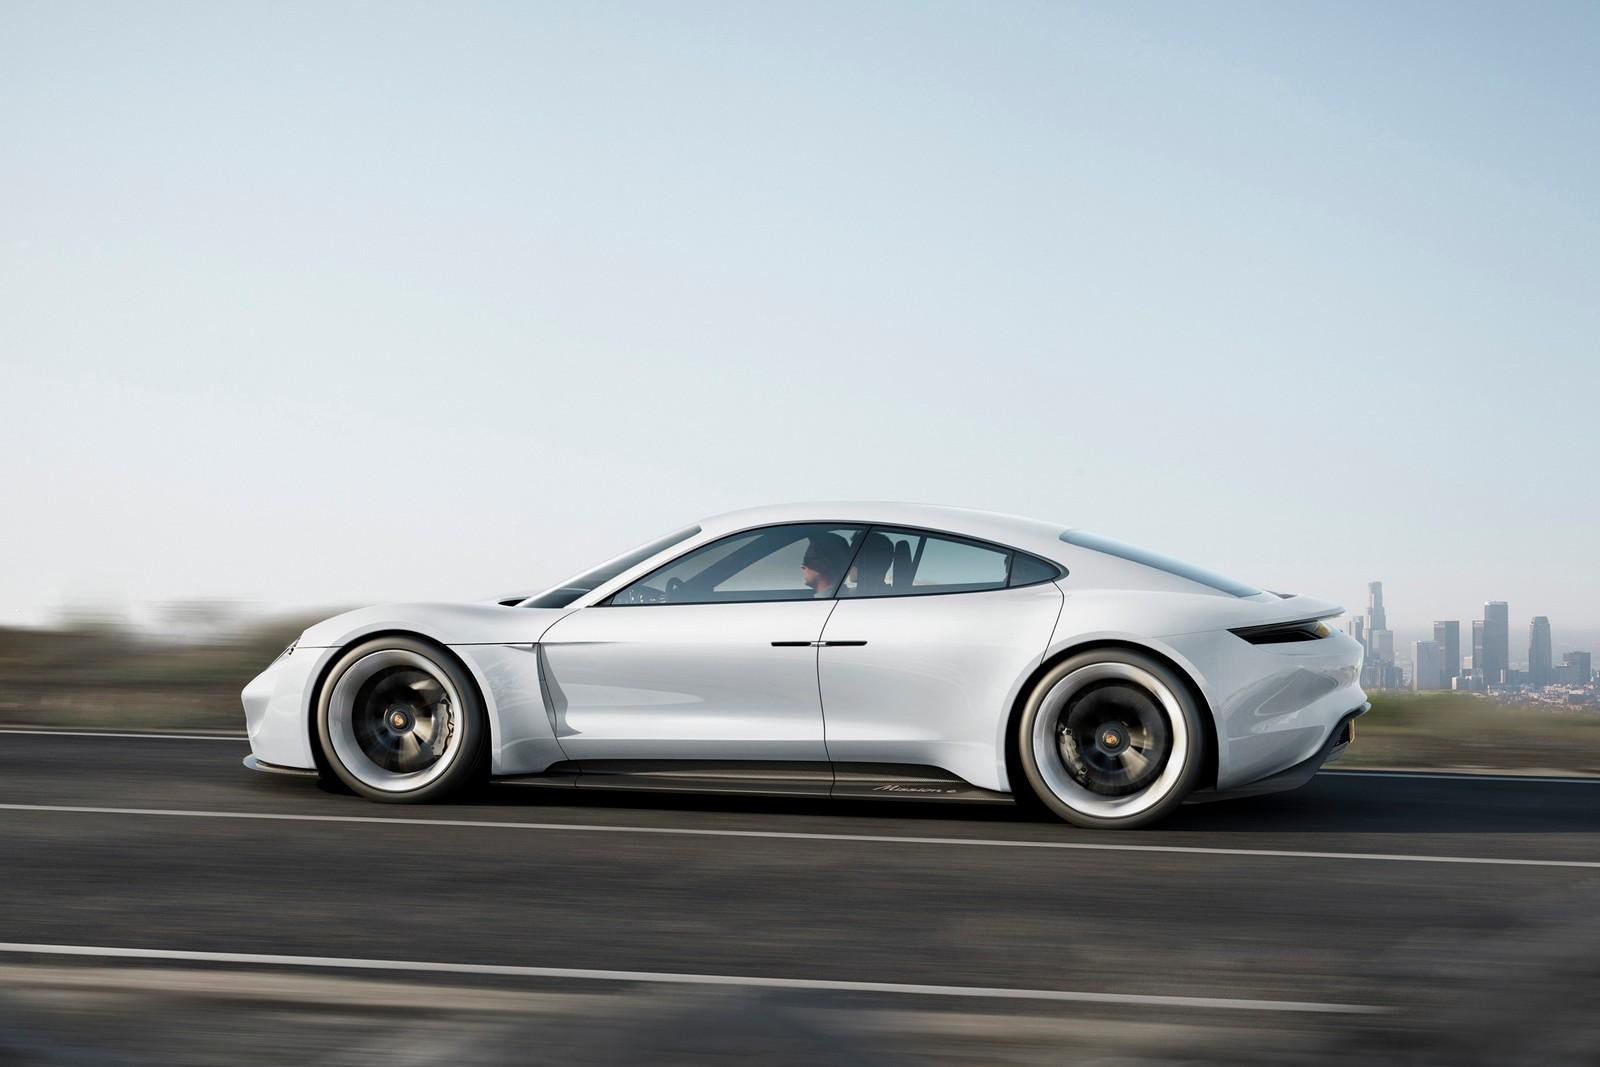 maximale reichweite eines bmw elektroautos